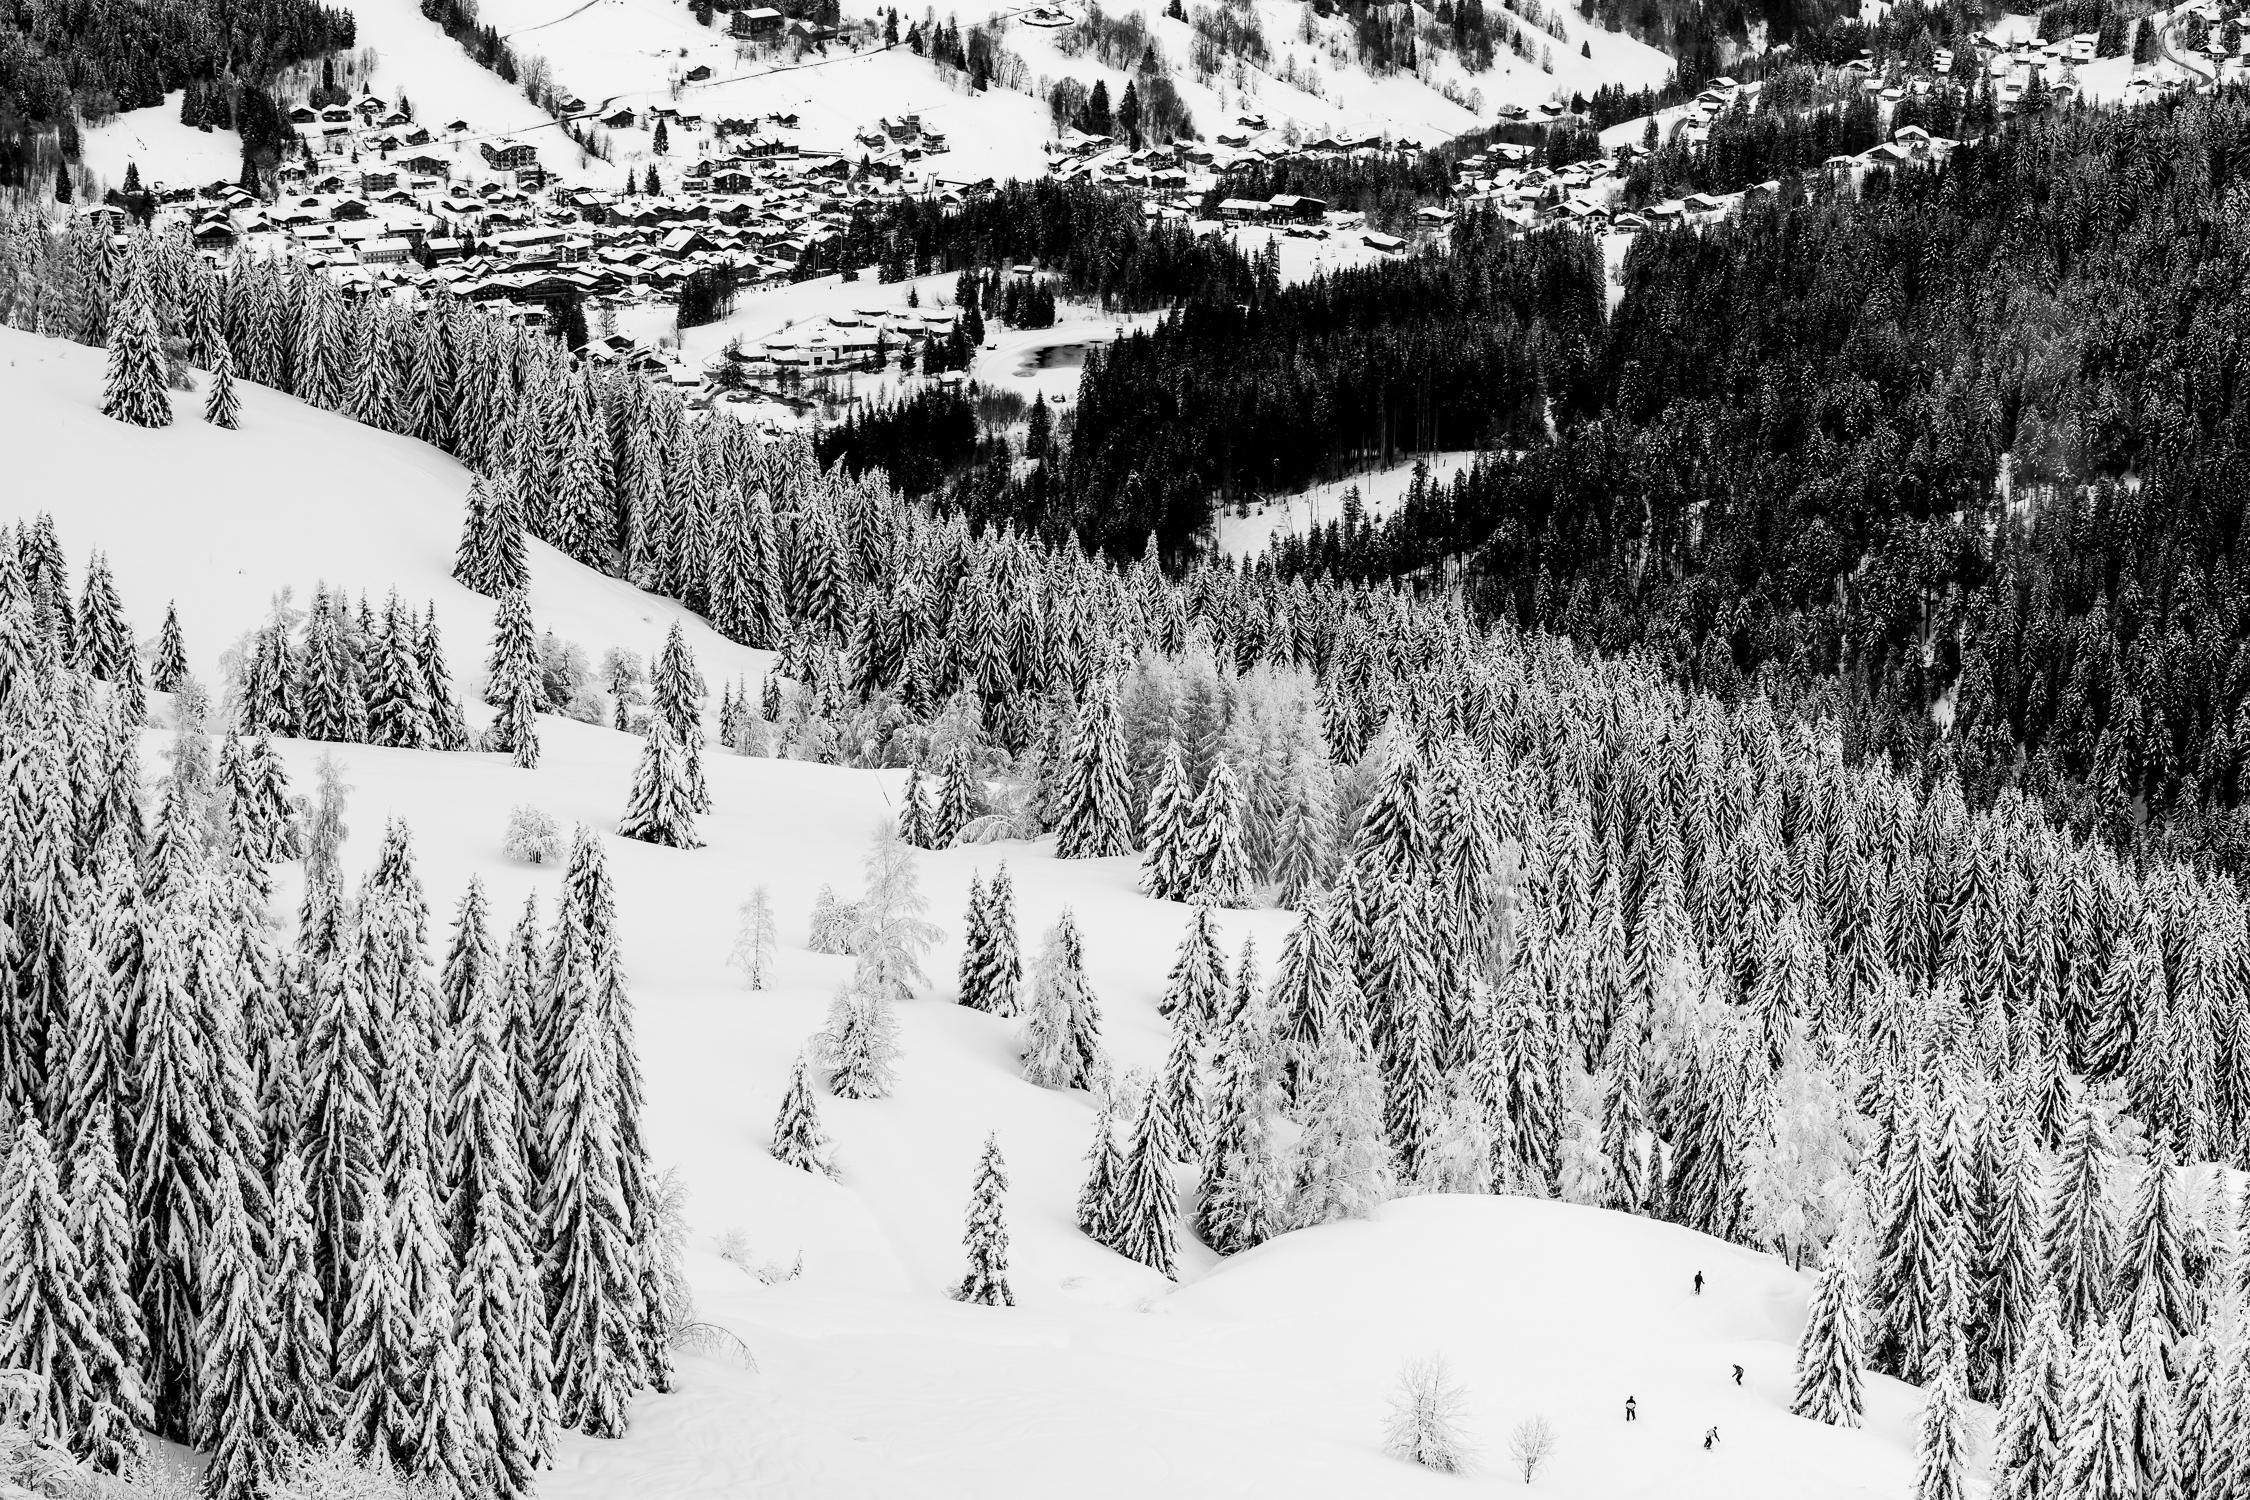 ski resort Les Gets